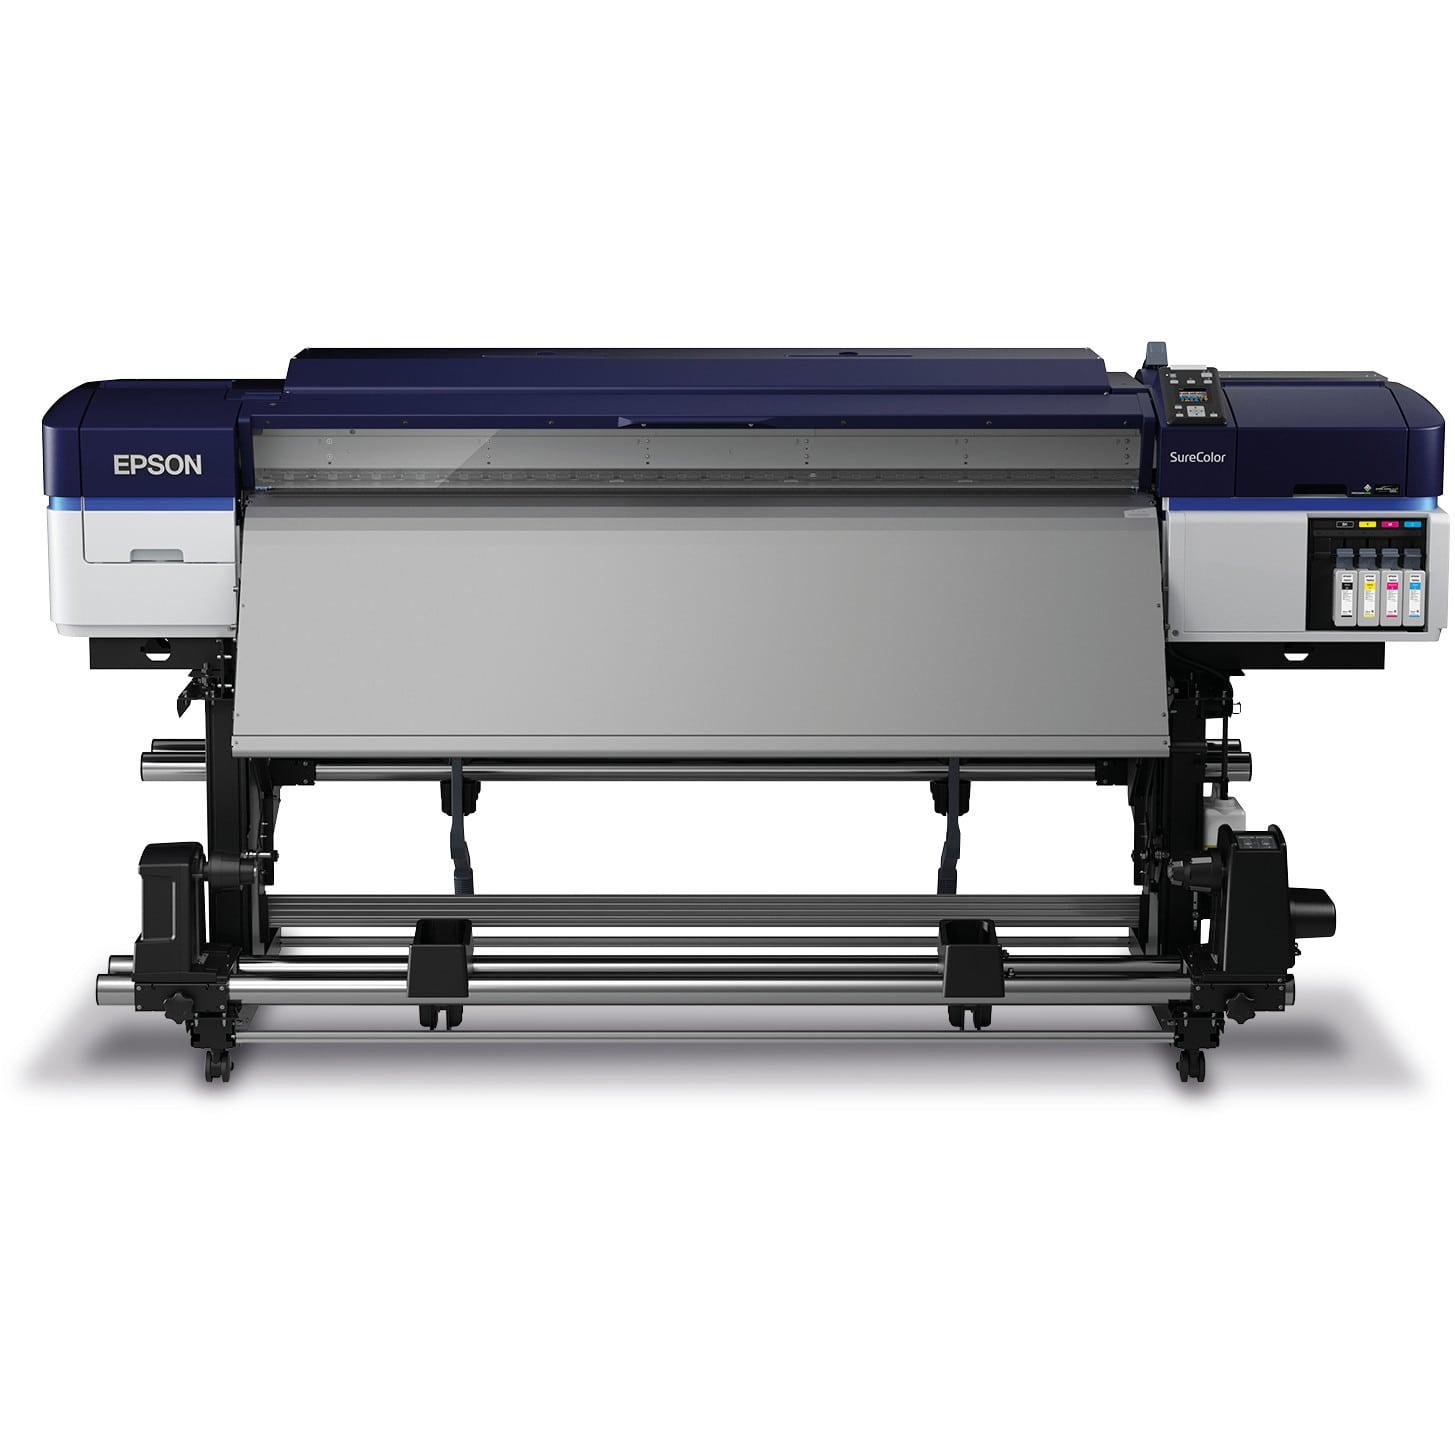 Impressora Ecosolvente Epson S40 162cm Para Adesivos e Lonas